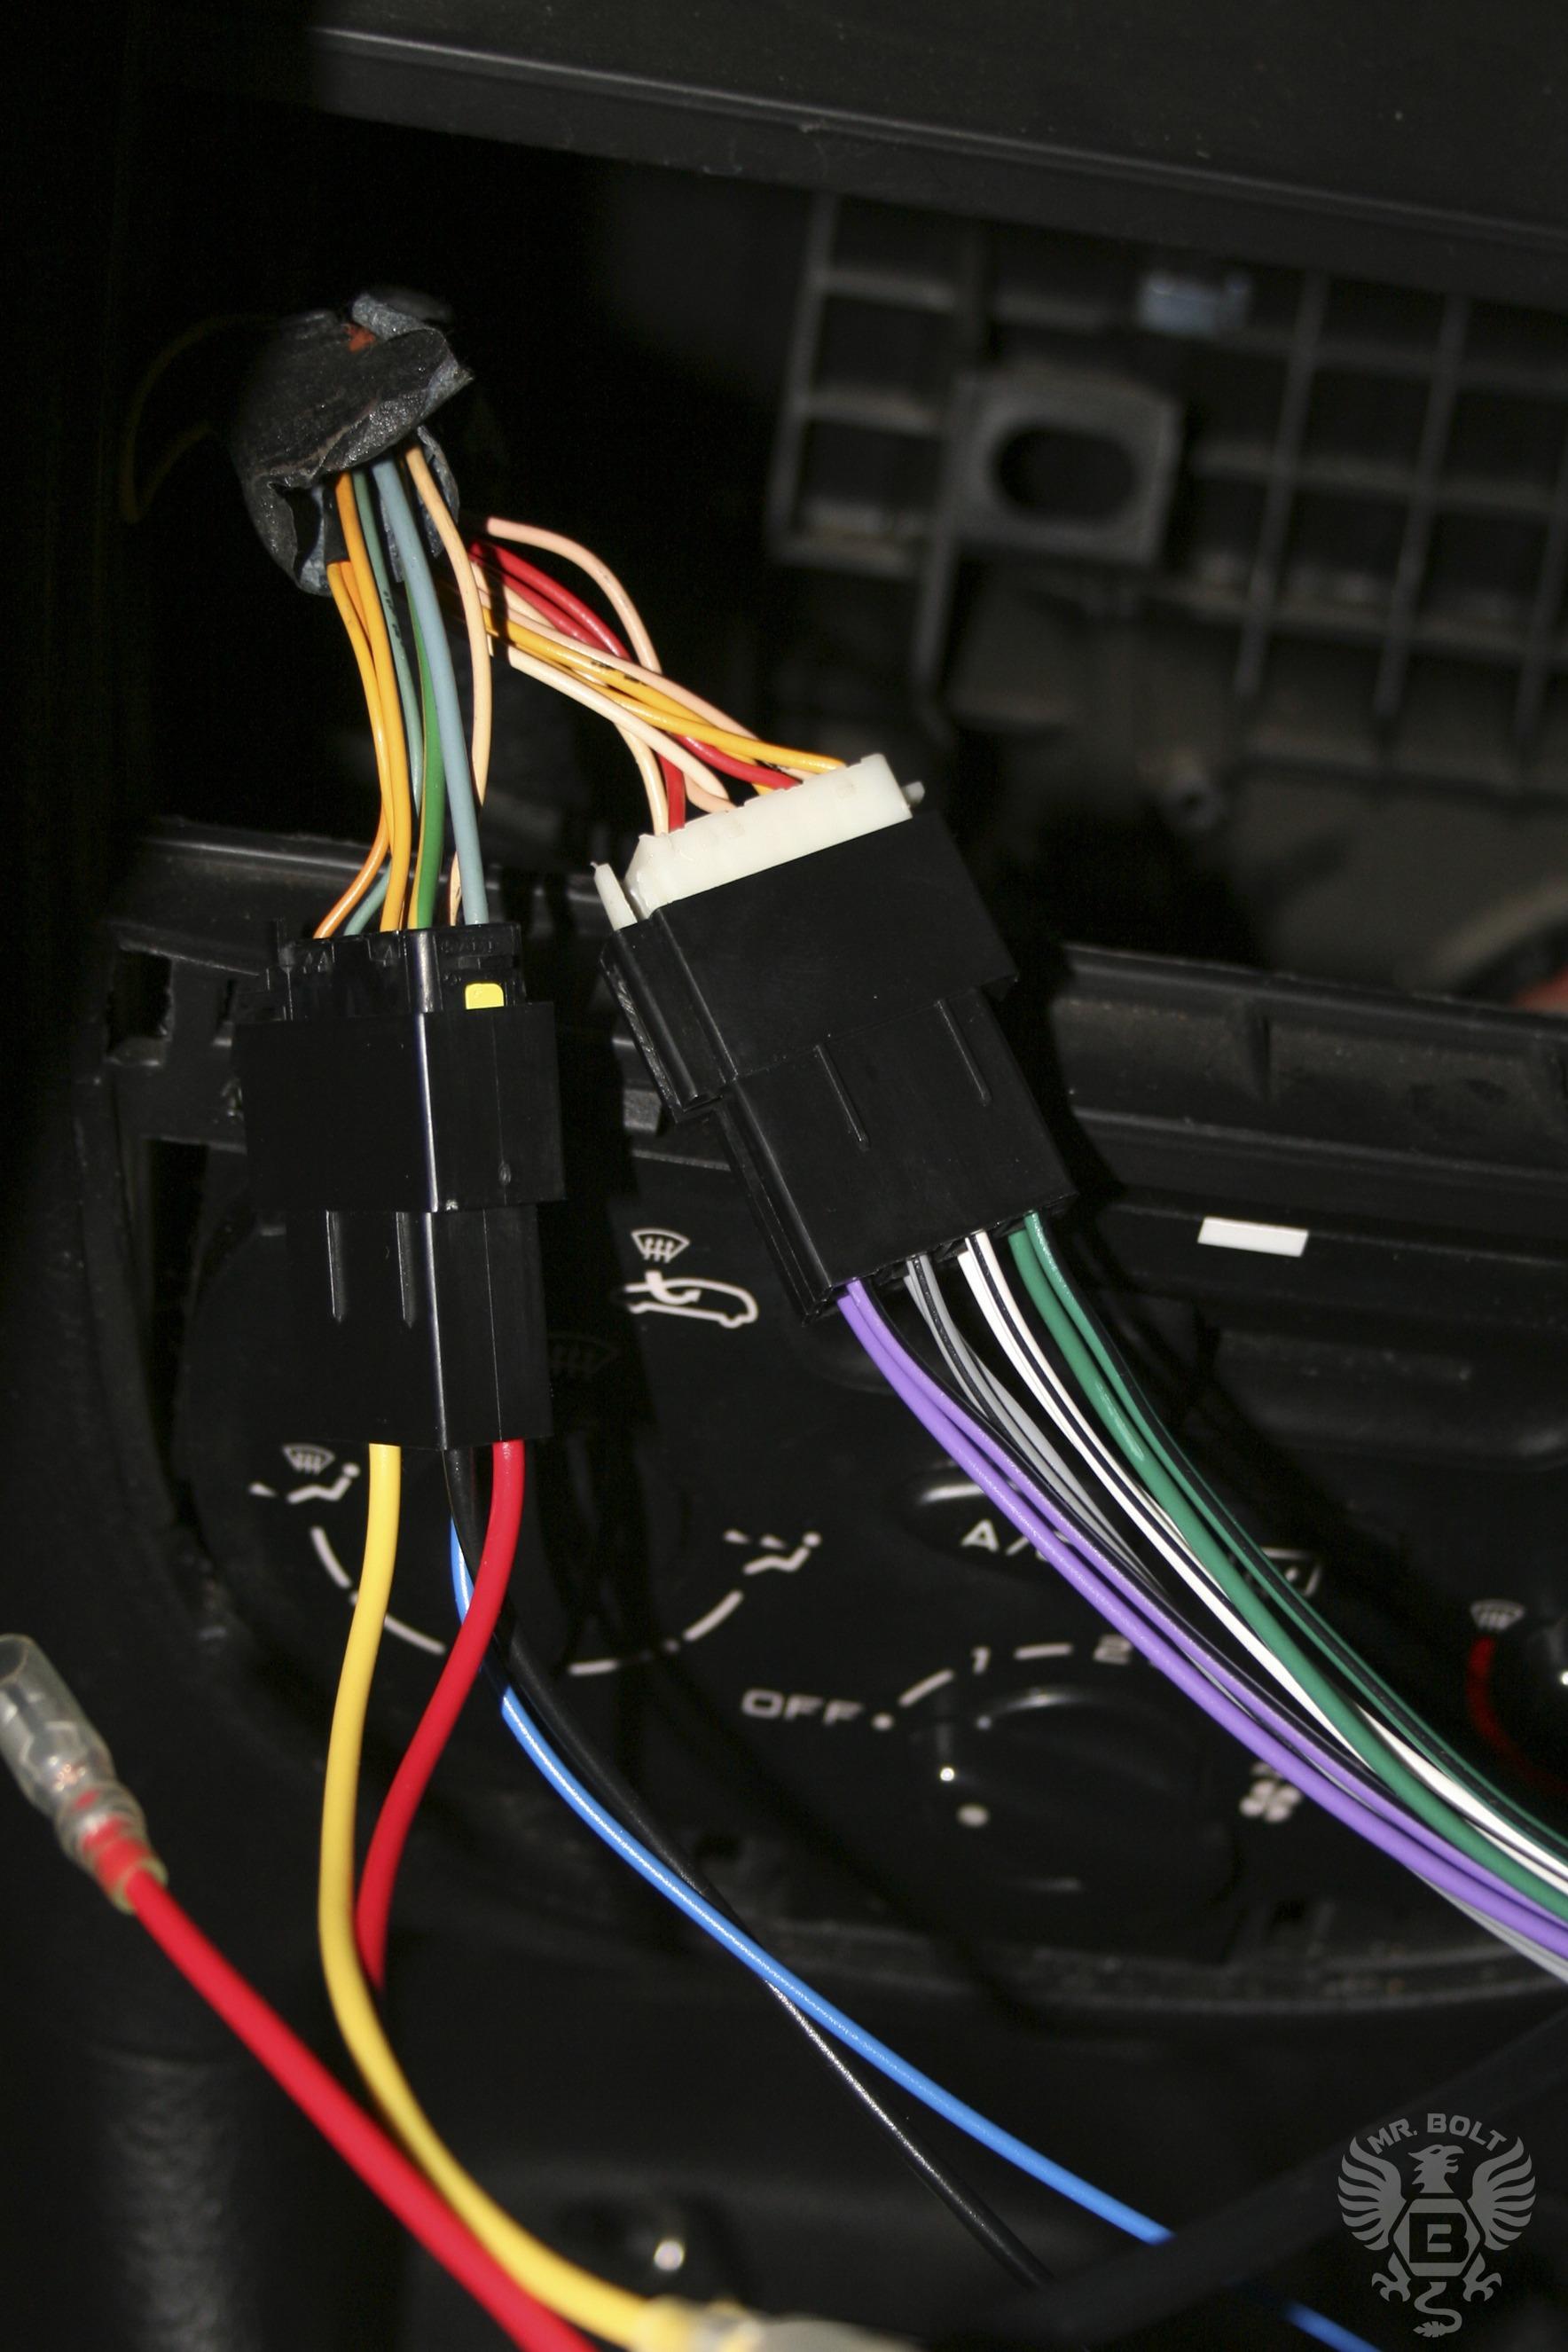 подключение магнитолы к проводам жигули схема